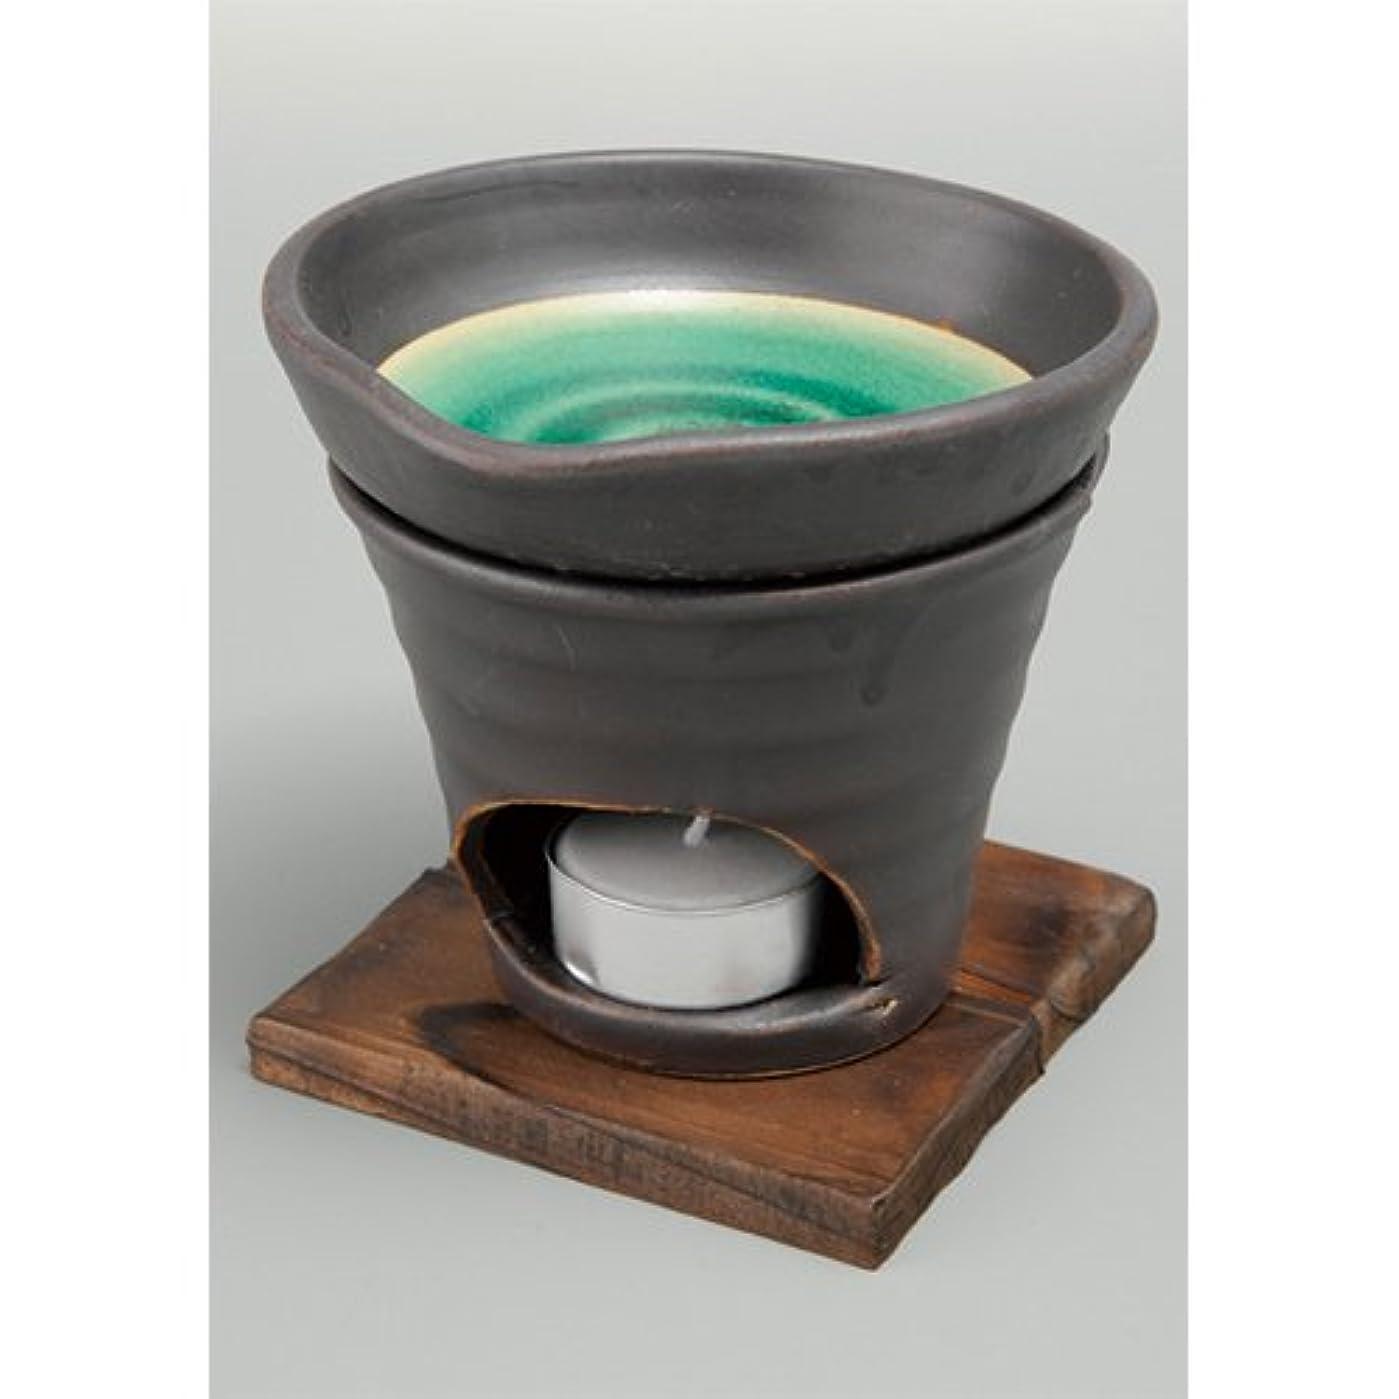 誰か可聴血色の良い香炉 黒釉 茶香炉(緑) [R11.8xH11.5cm] HANDMADE プレゼント ギフト 和食器 かわいい インテリア